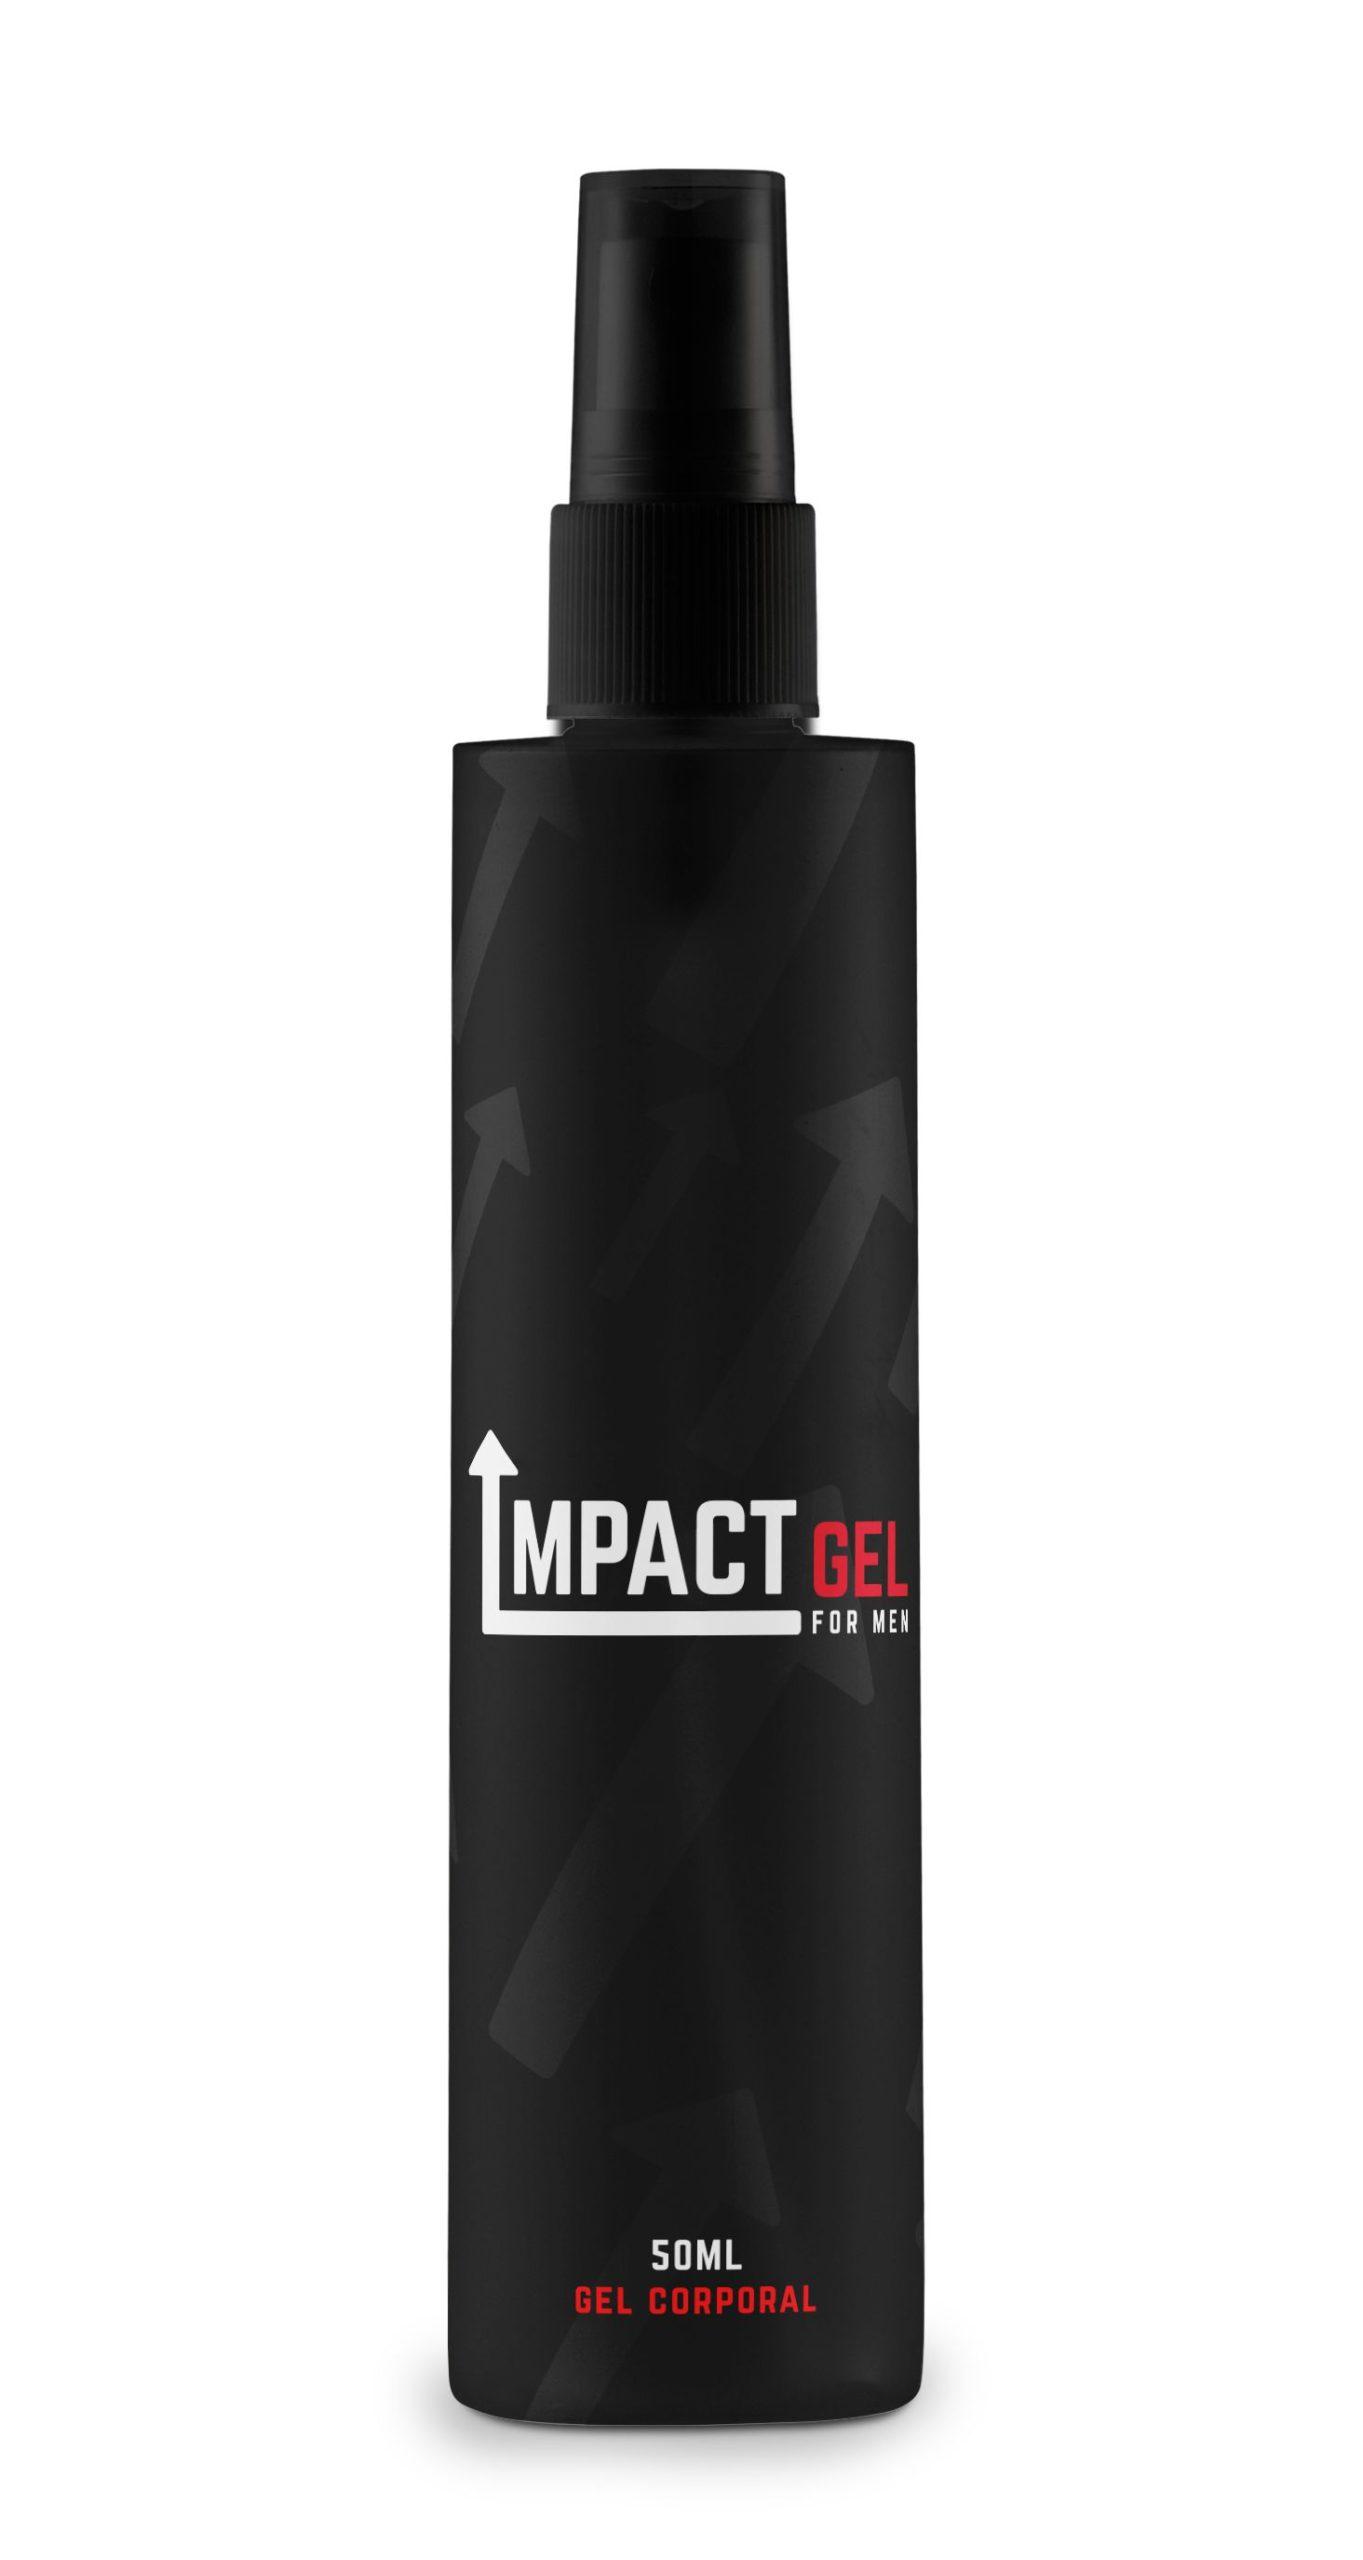 Impact Gel